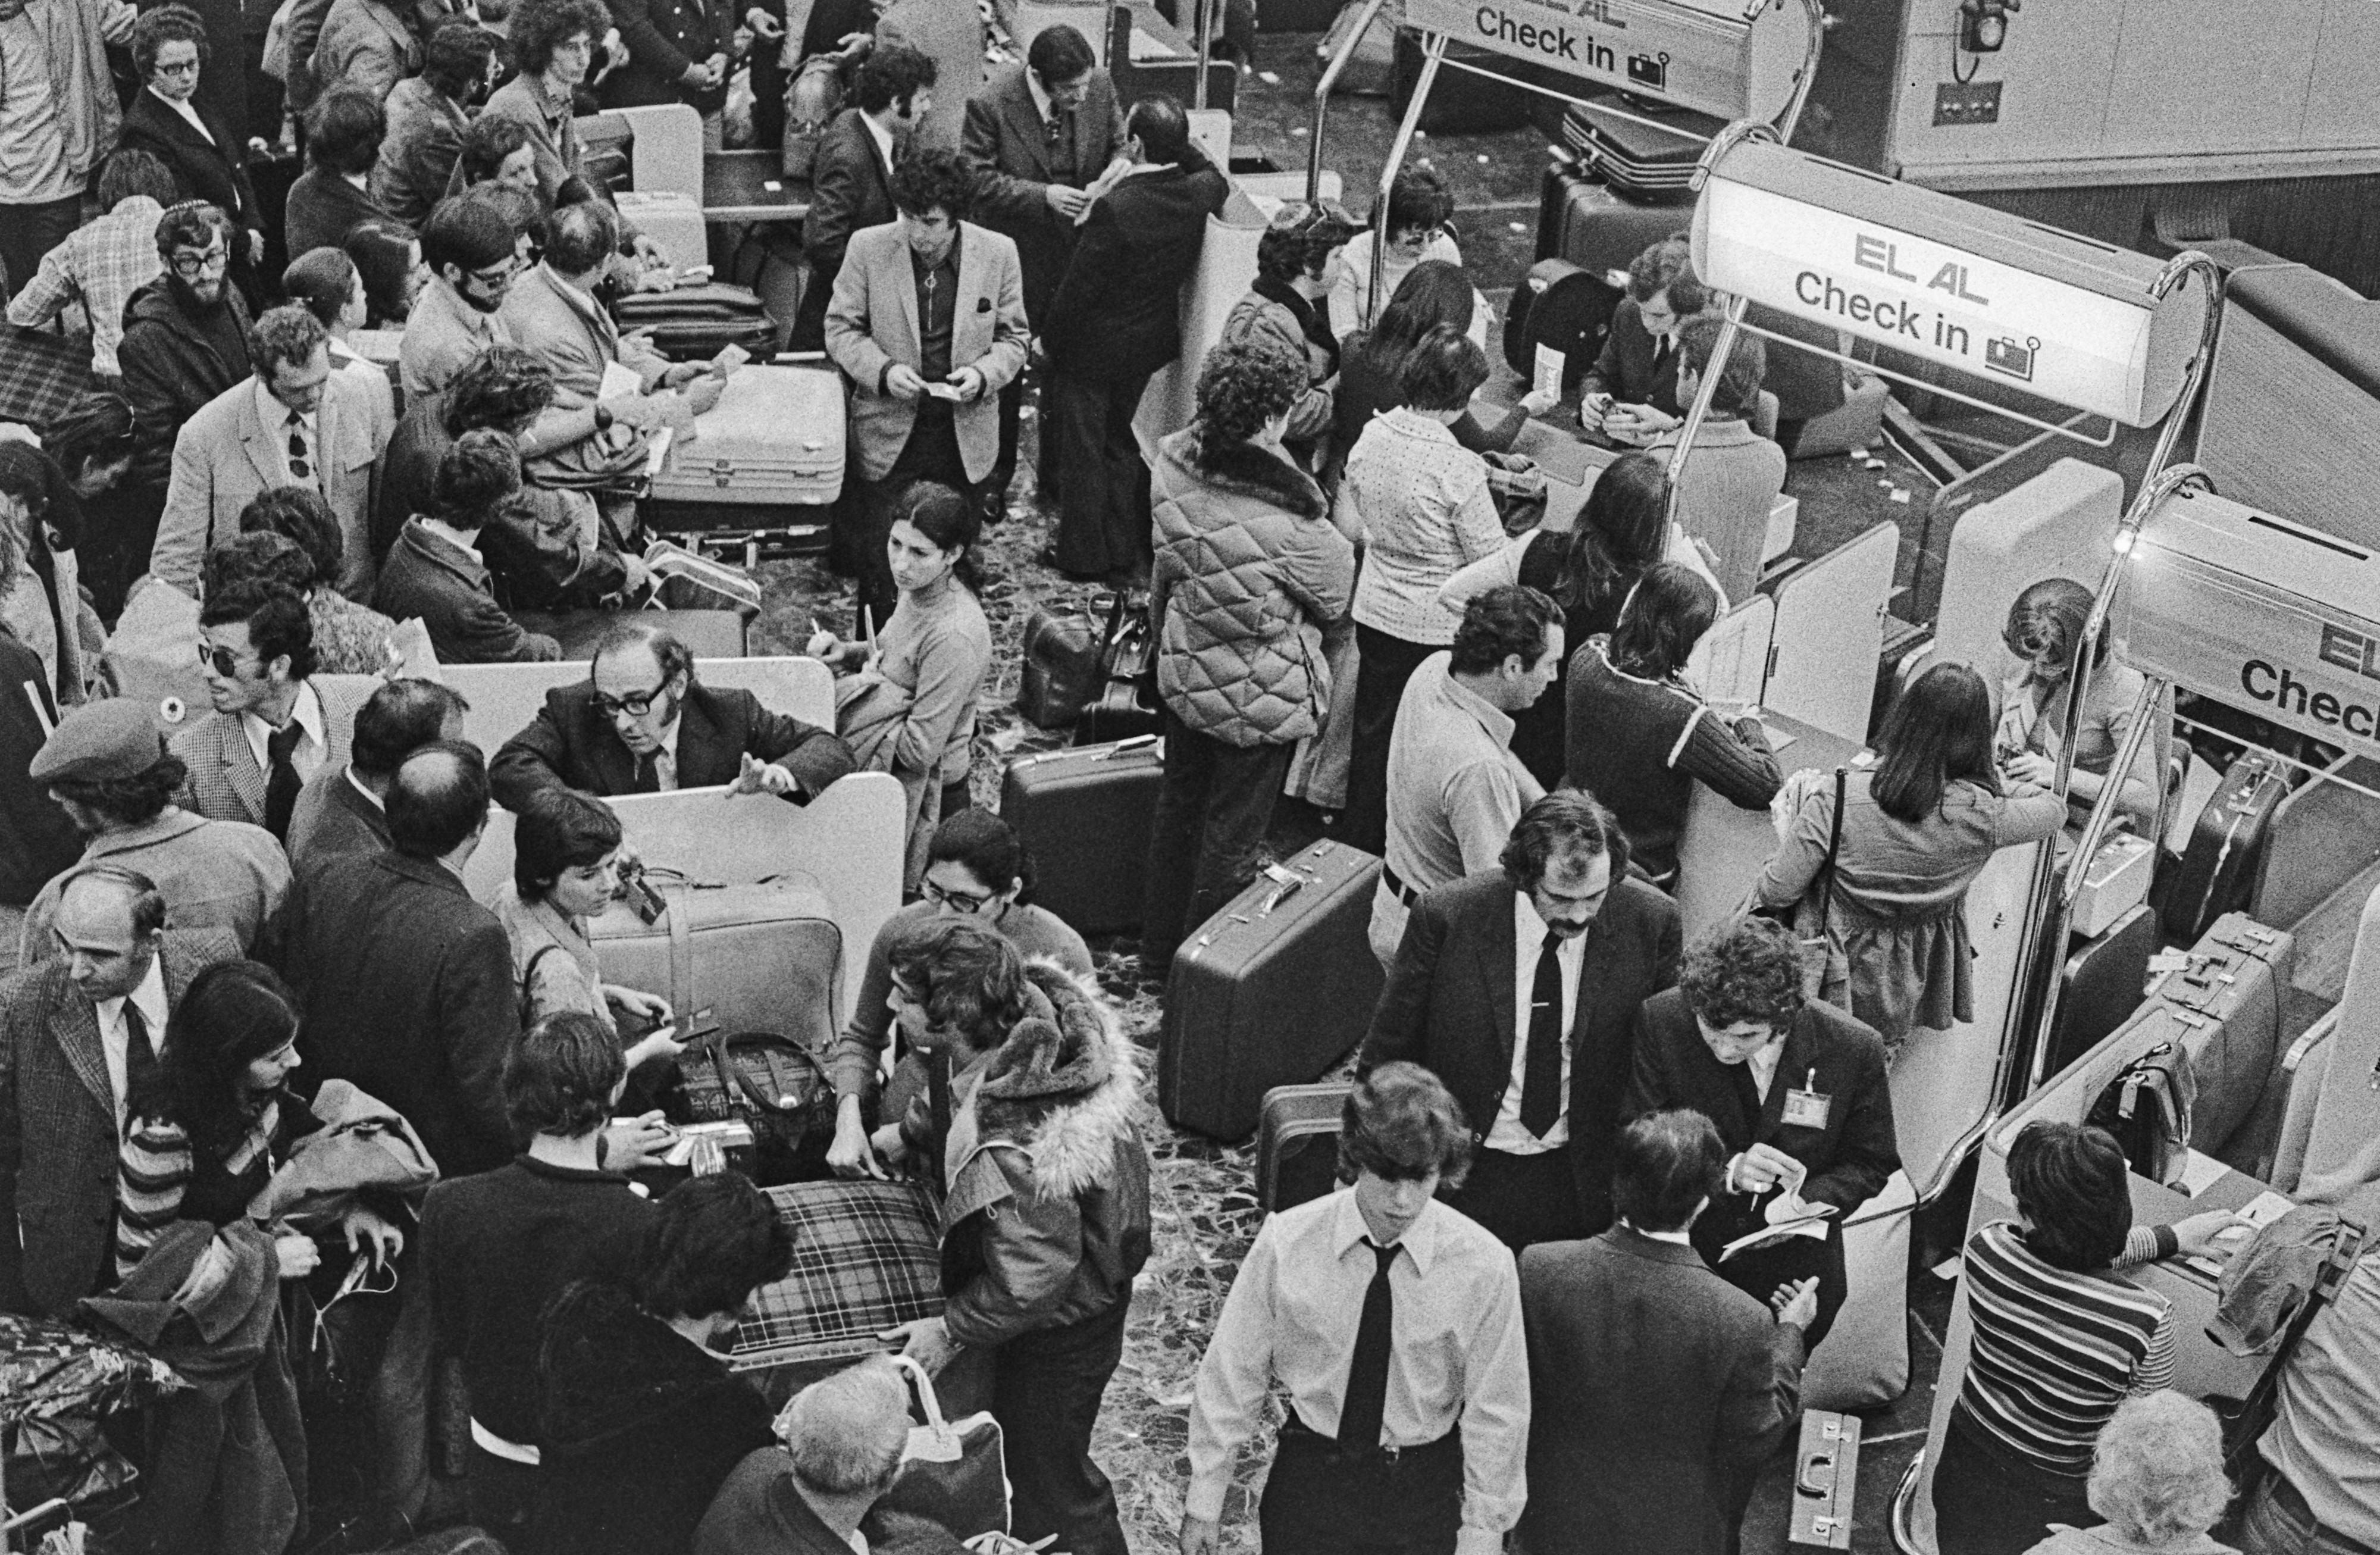 דוכן הצ'ק אין של אל על, לונדון, 1973 במלחמת יום הכיפורים